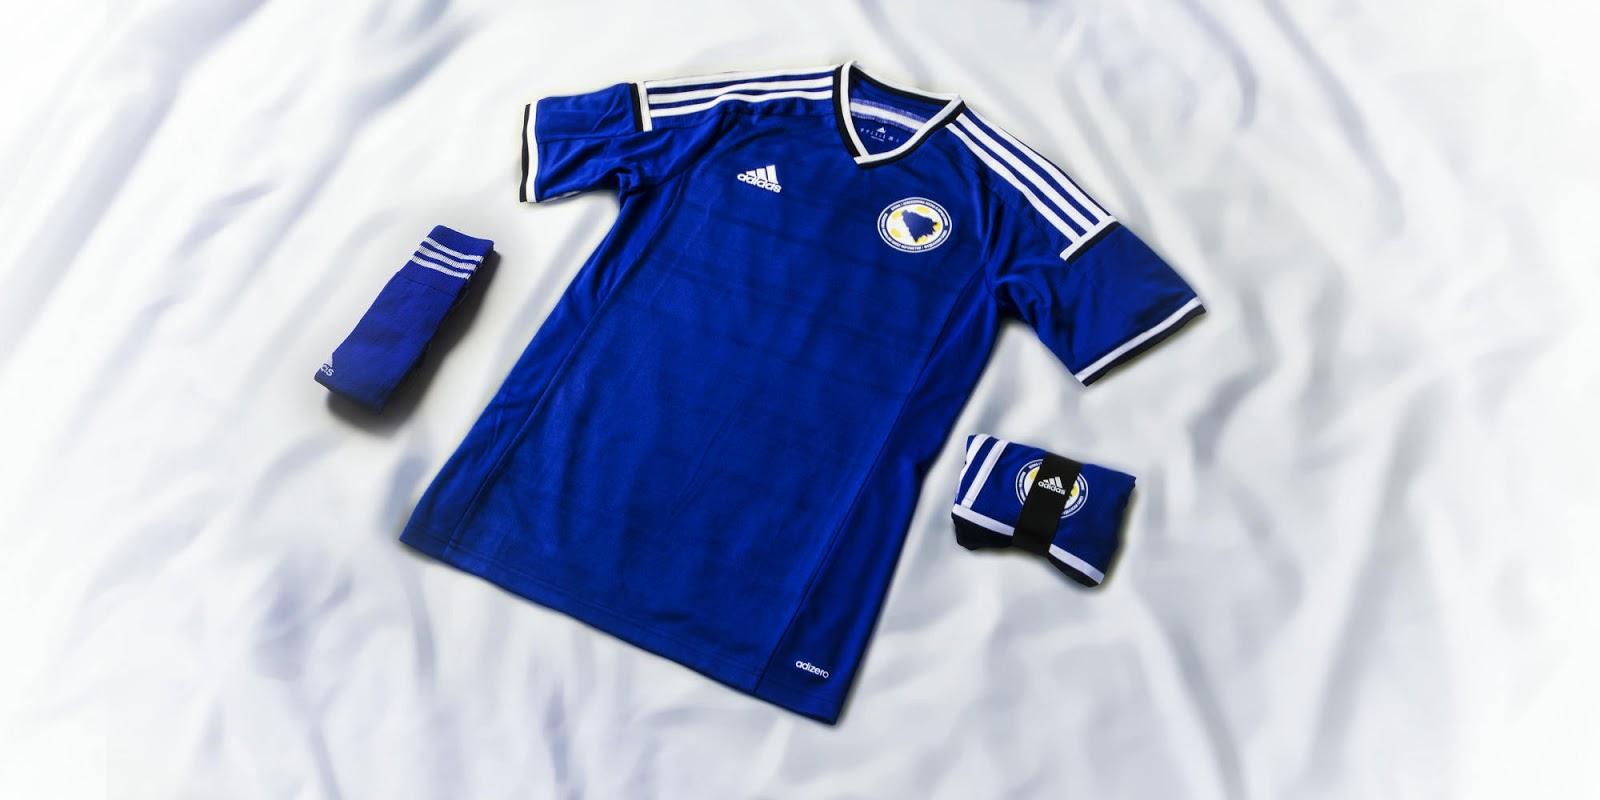 Bosnien Wm